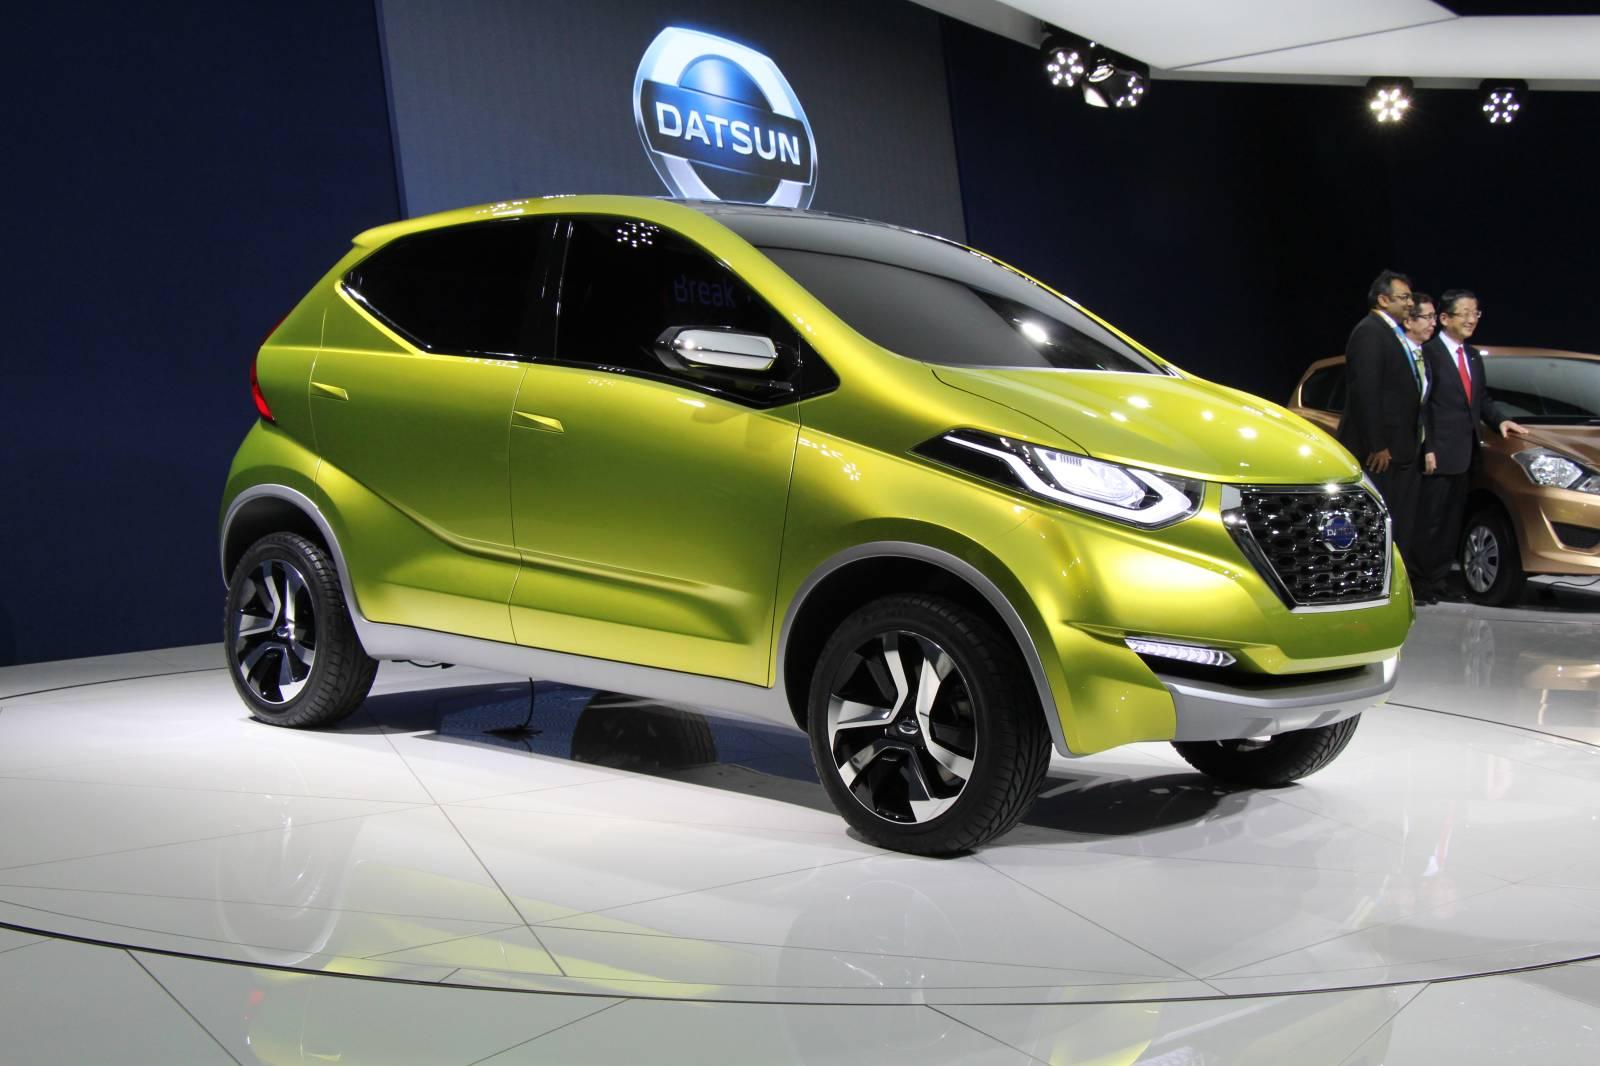 Datsun Unveils redi-GO Concept in New Delhi [Live Photos ...